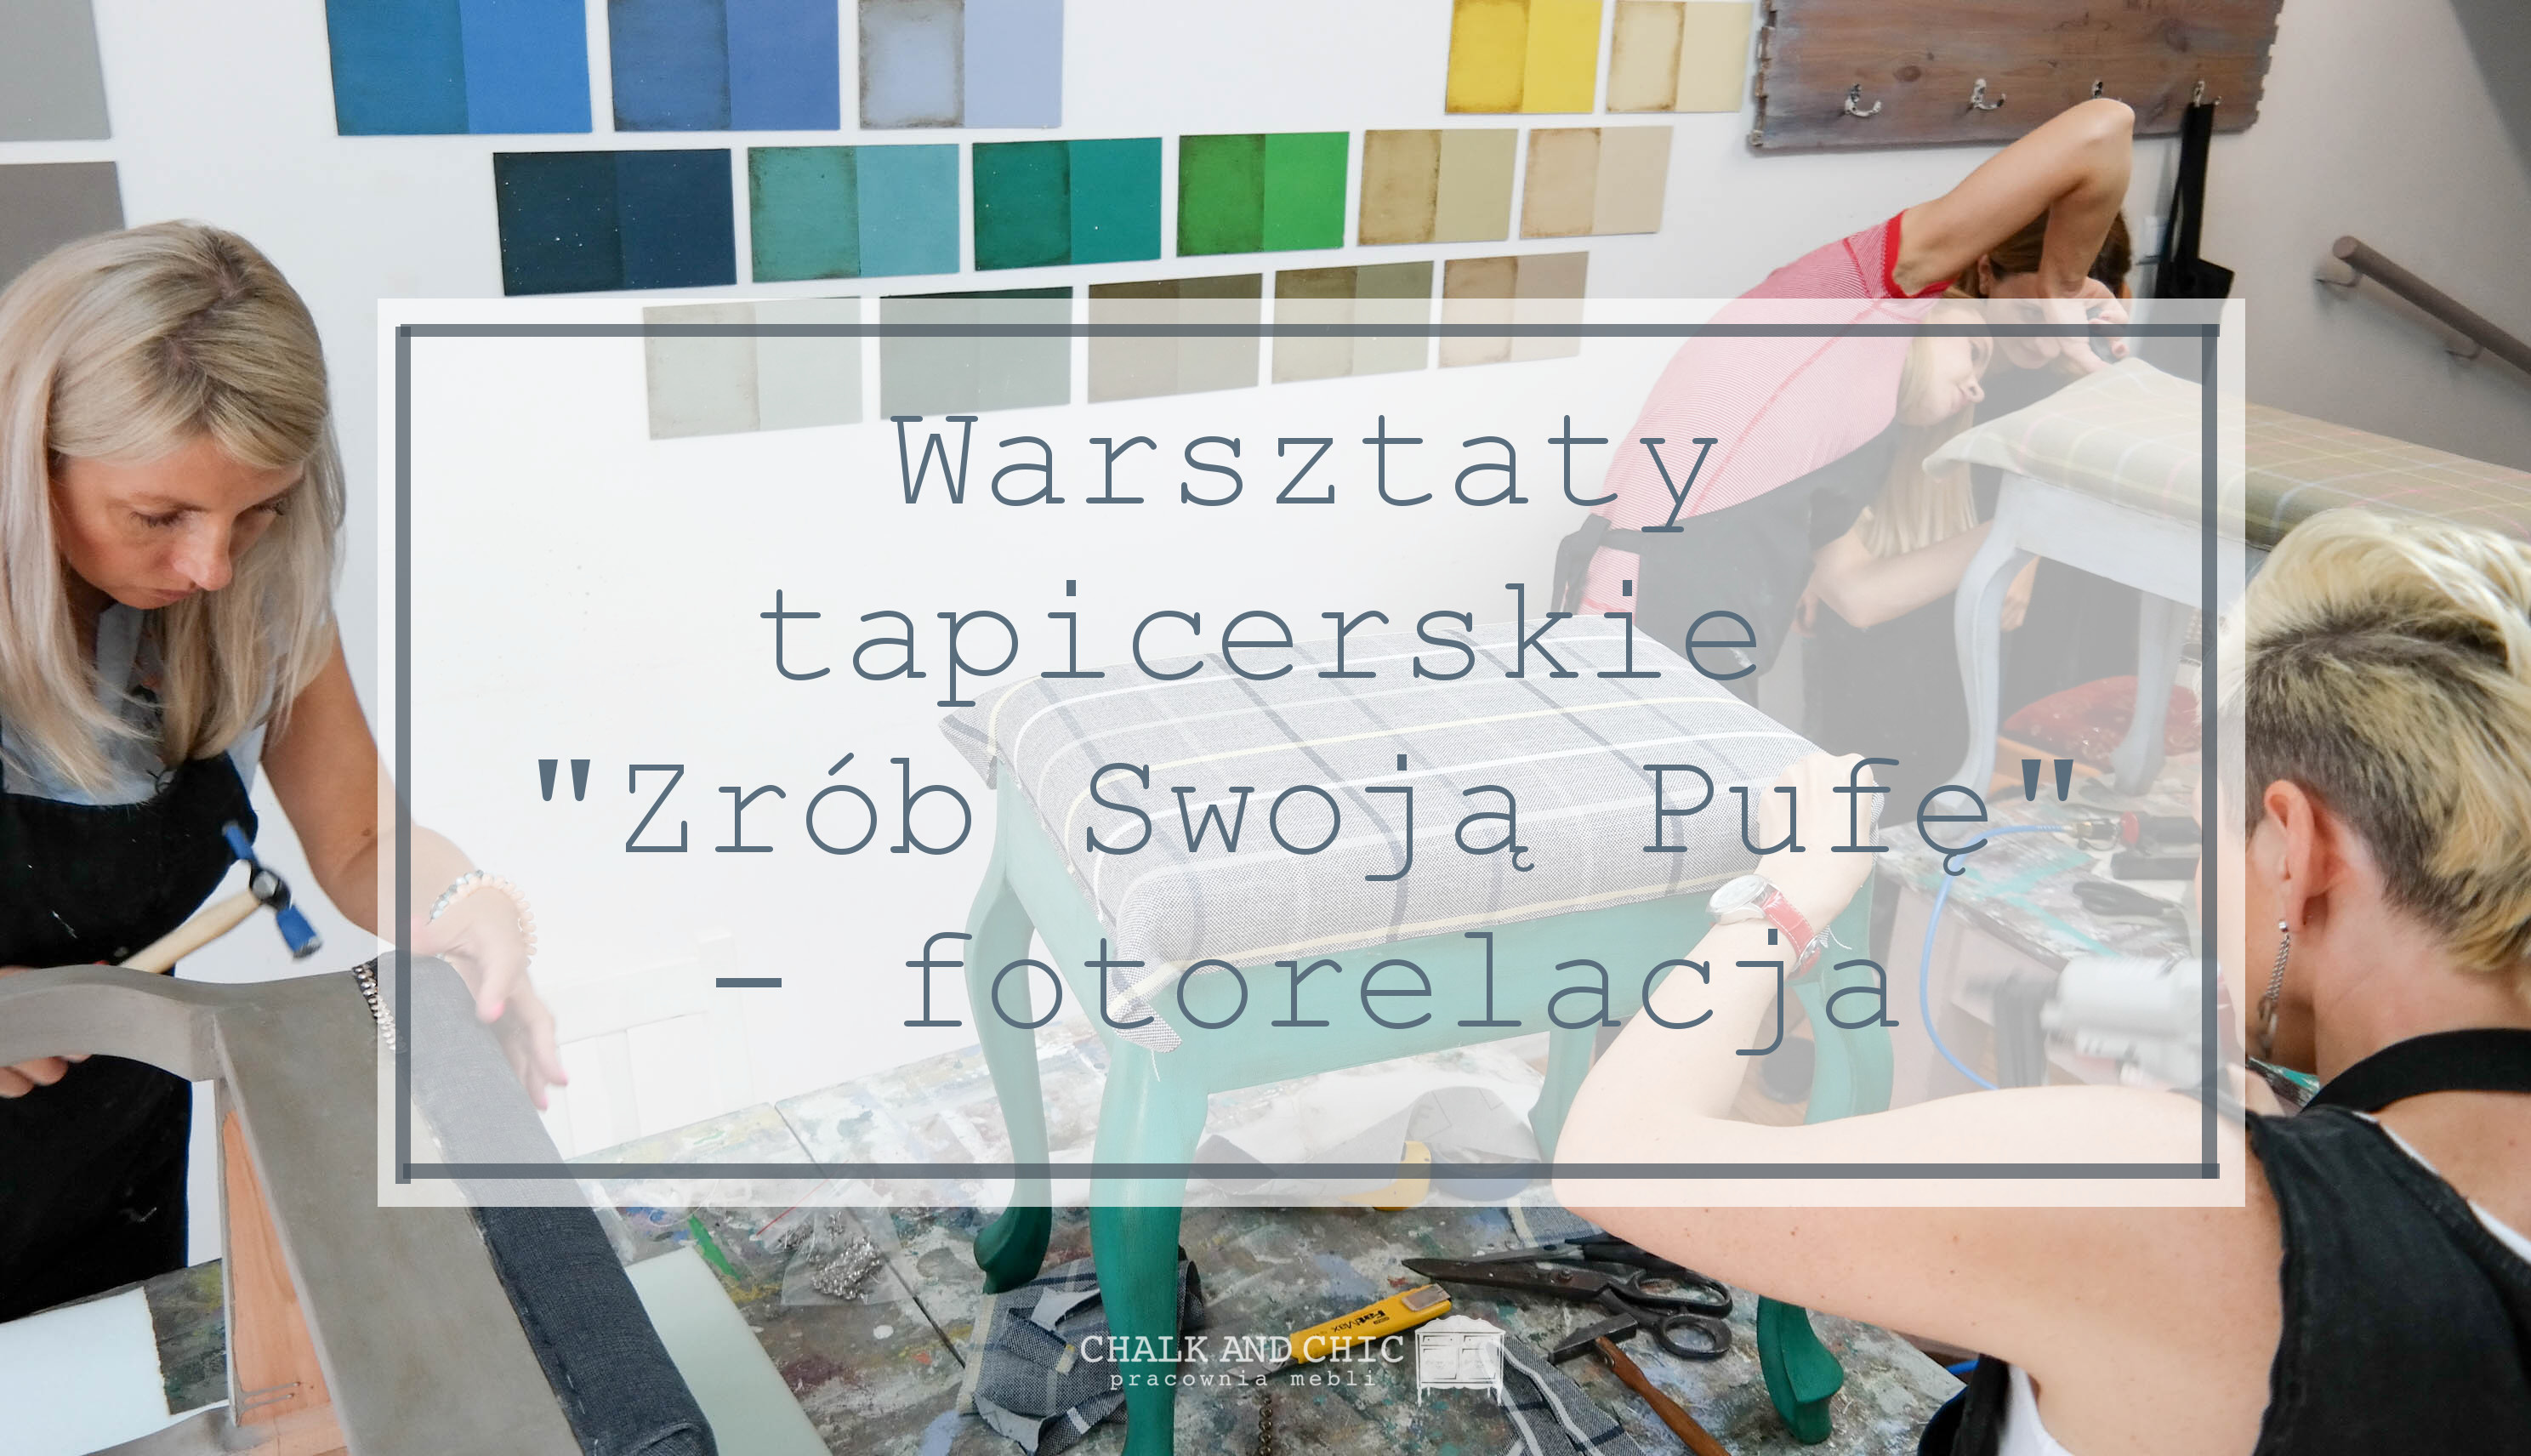 Warsztaty tapicerskie Lublin